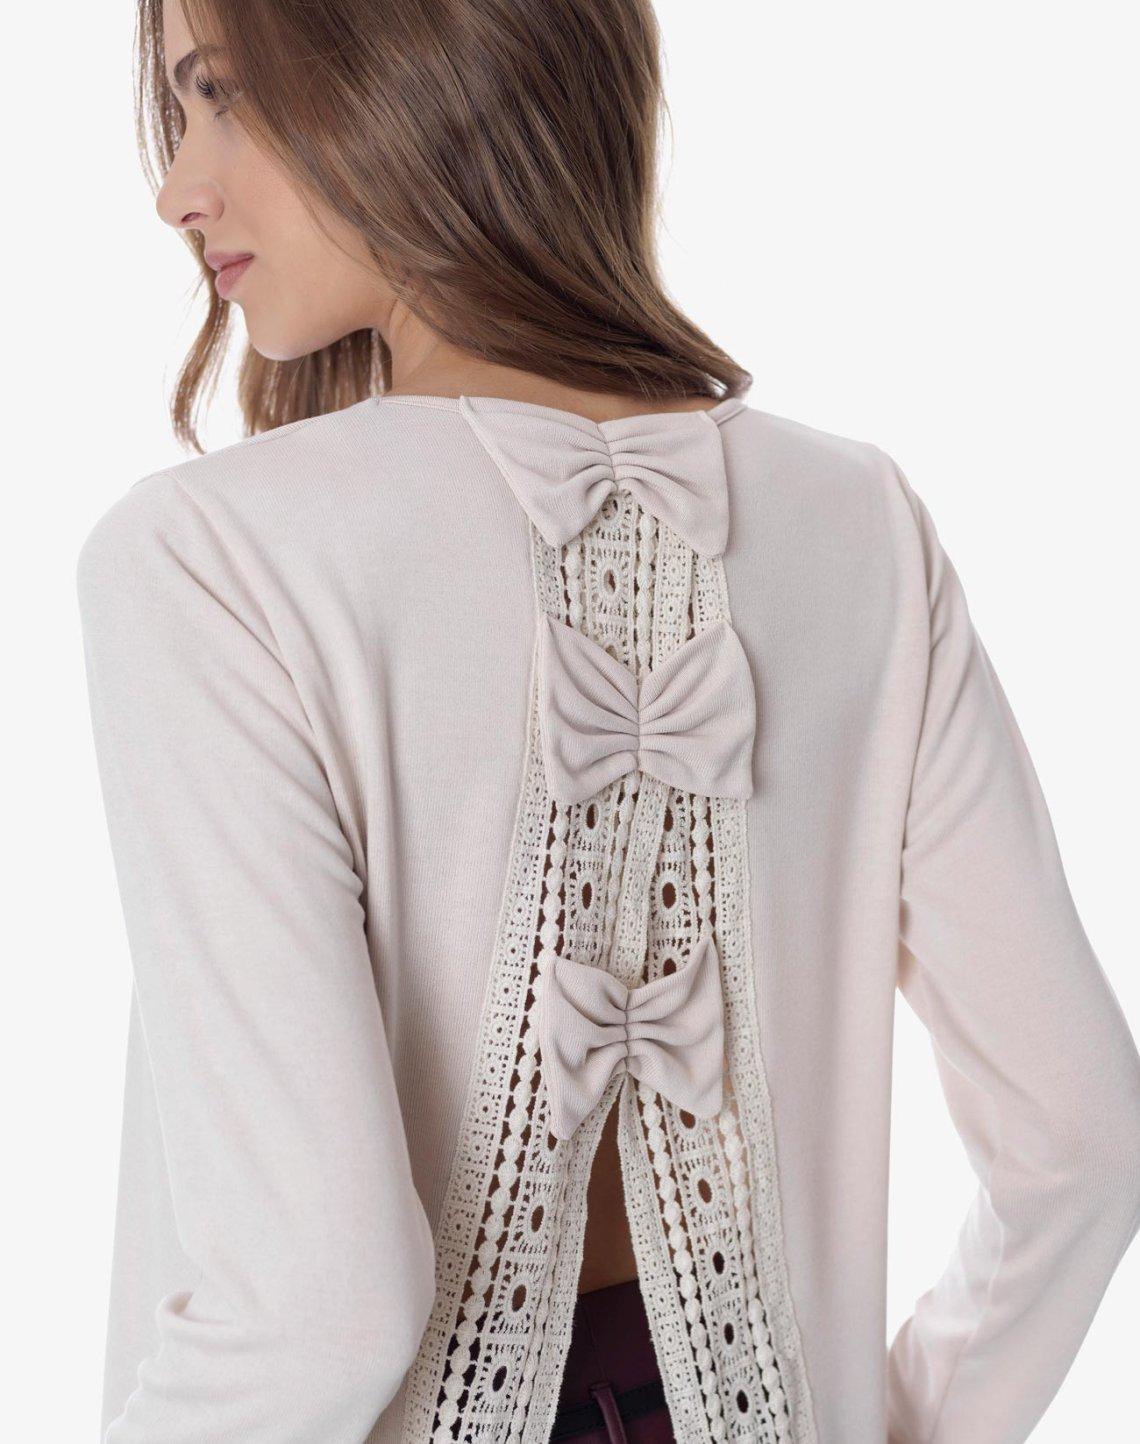 Μπλούζα με φιόγκους και δαντελα